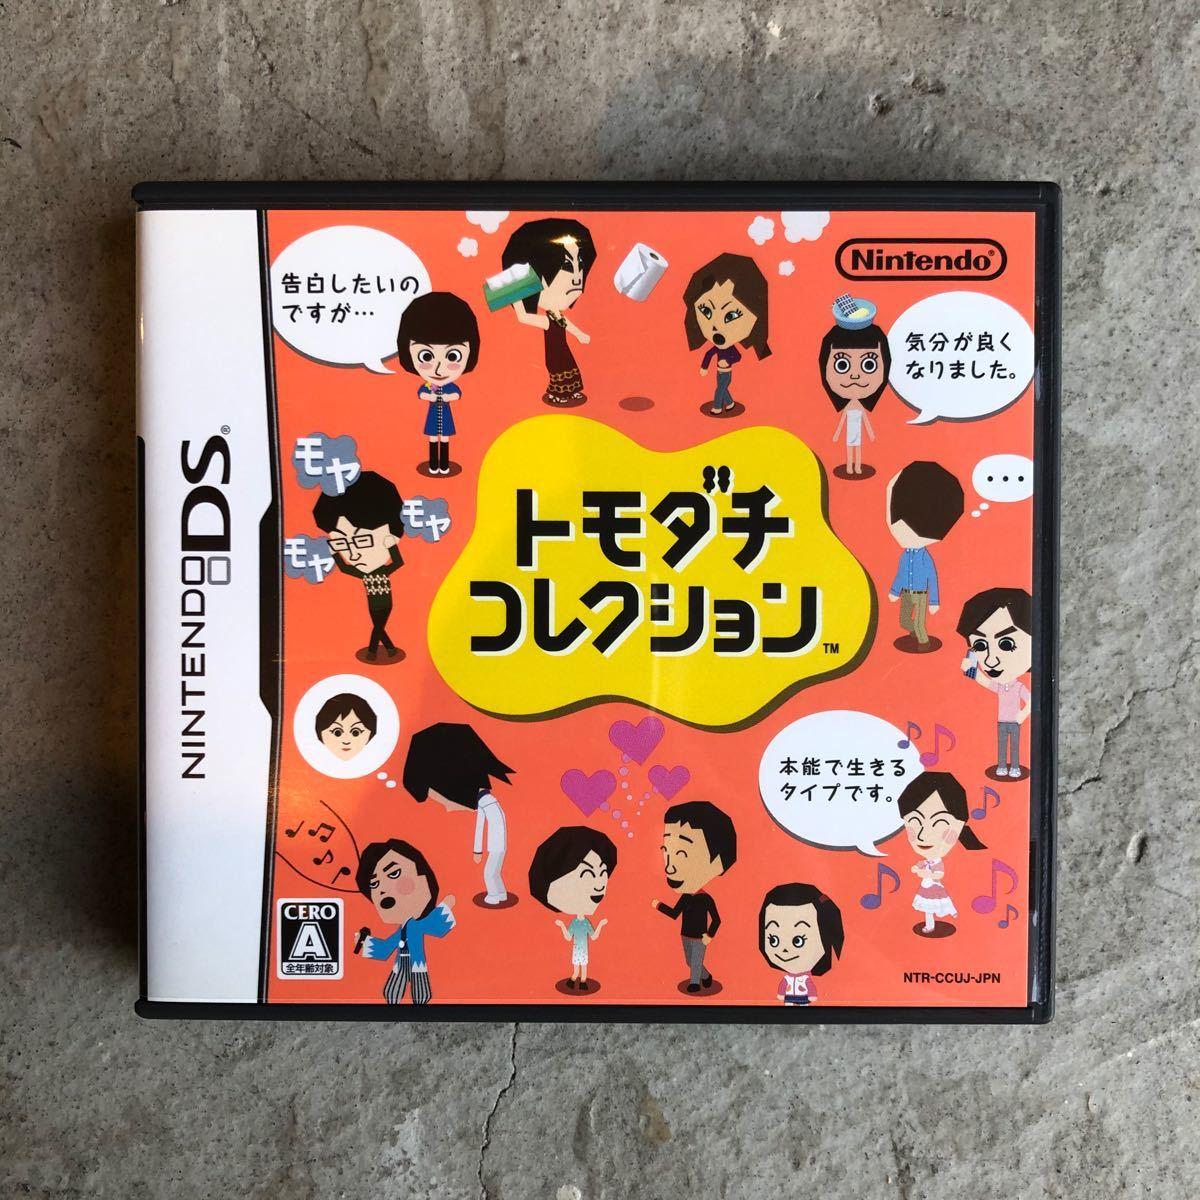 ニンテンドーDS トモダチコレクション DSソフト ゲームソフト 任天堂